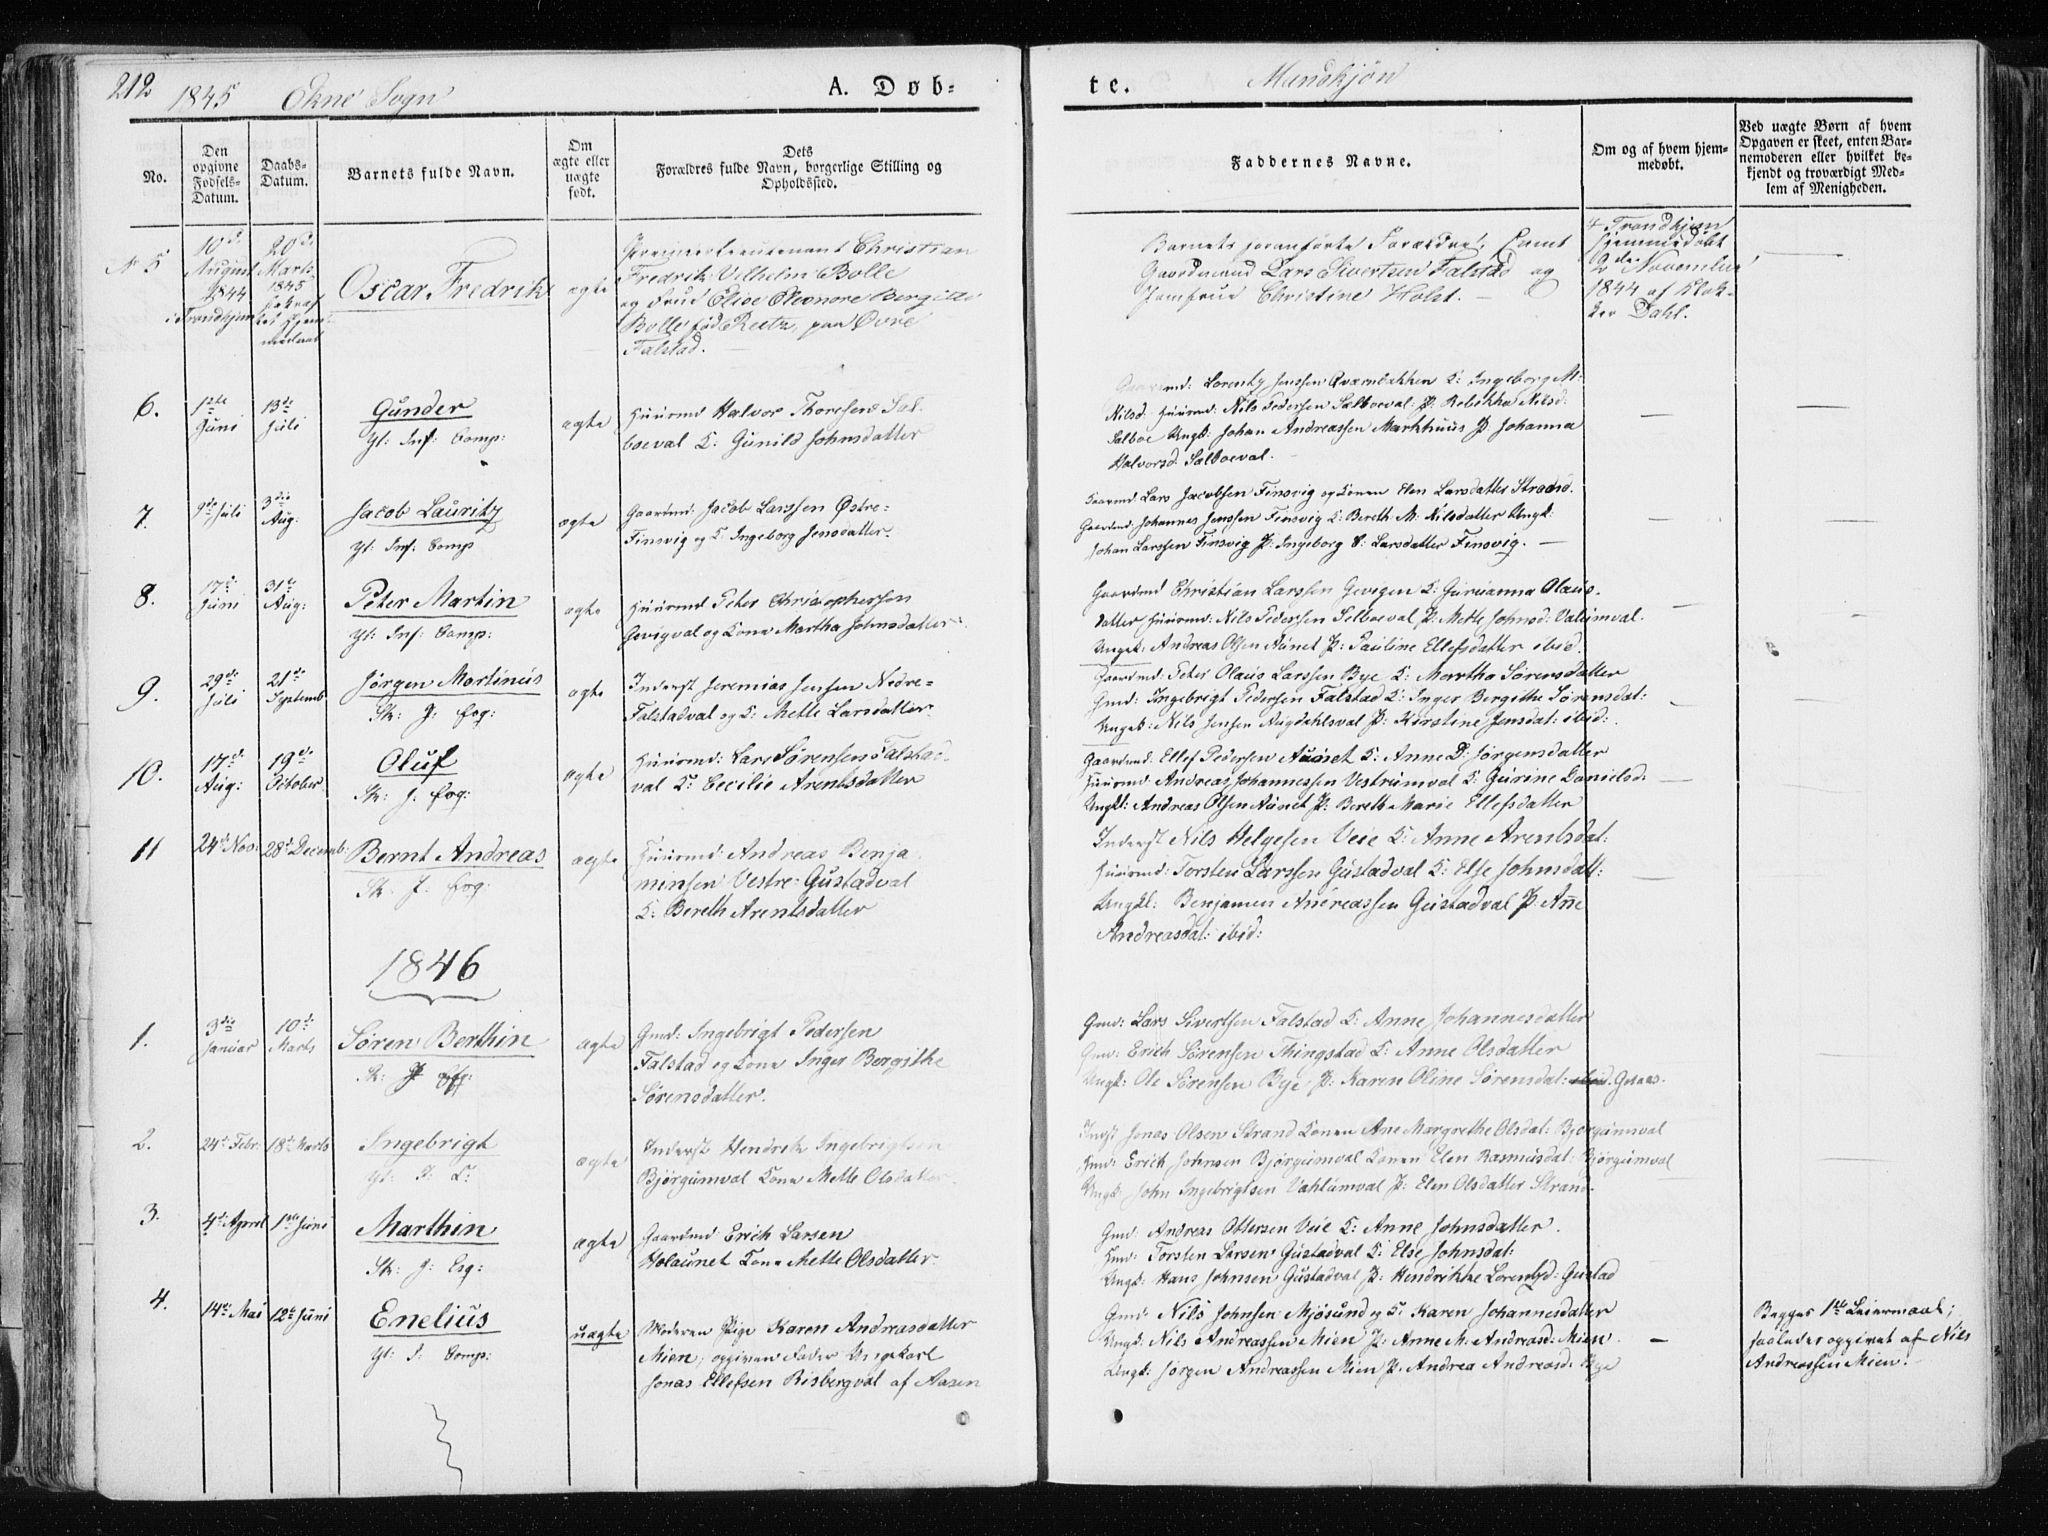 SAT, Ministerialprotokoller, klokkerbøker og fødselsregistre - Nord-Trøndelag, 717/L0154: Ministerialbok nr. 717A06 /2, 1836-1849, s. 212